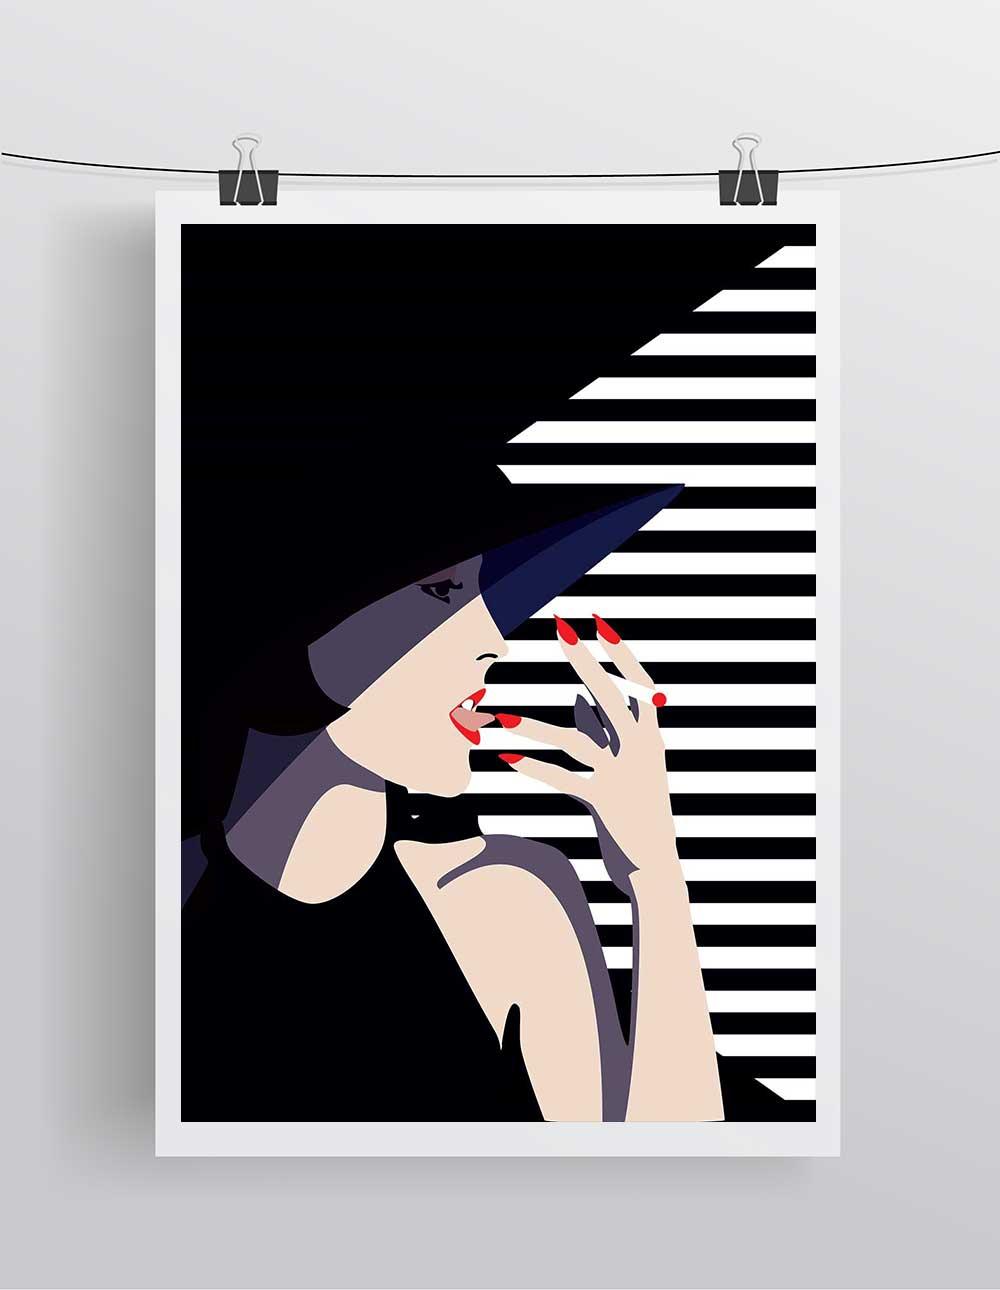 affiche illustration mode poster minimaliste vogue style. Black Bedroom Furniture Sets. Home Design Ideas